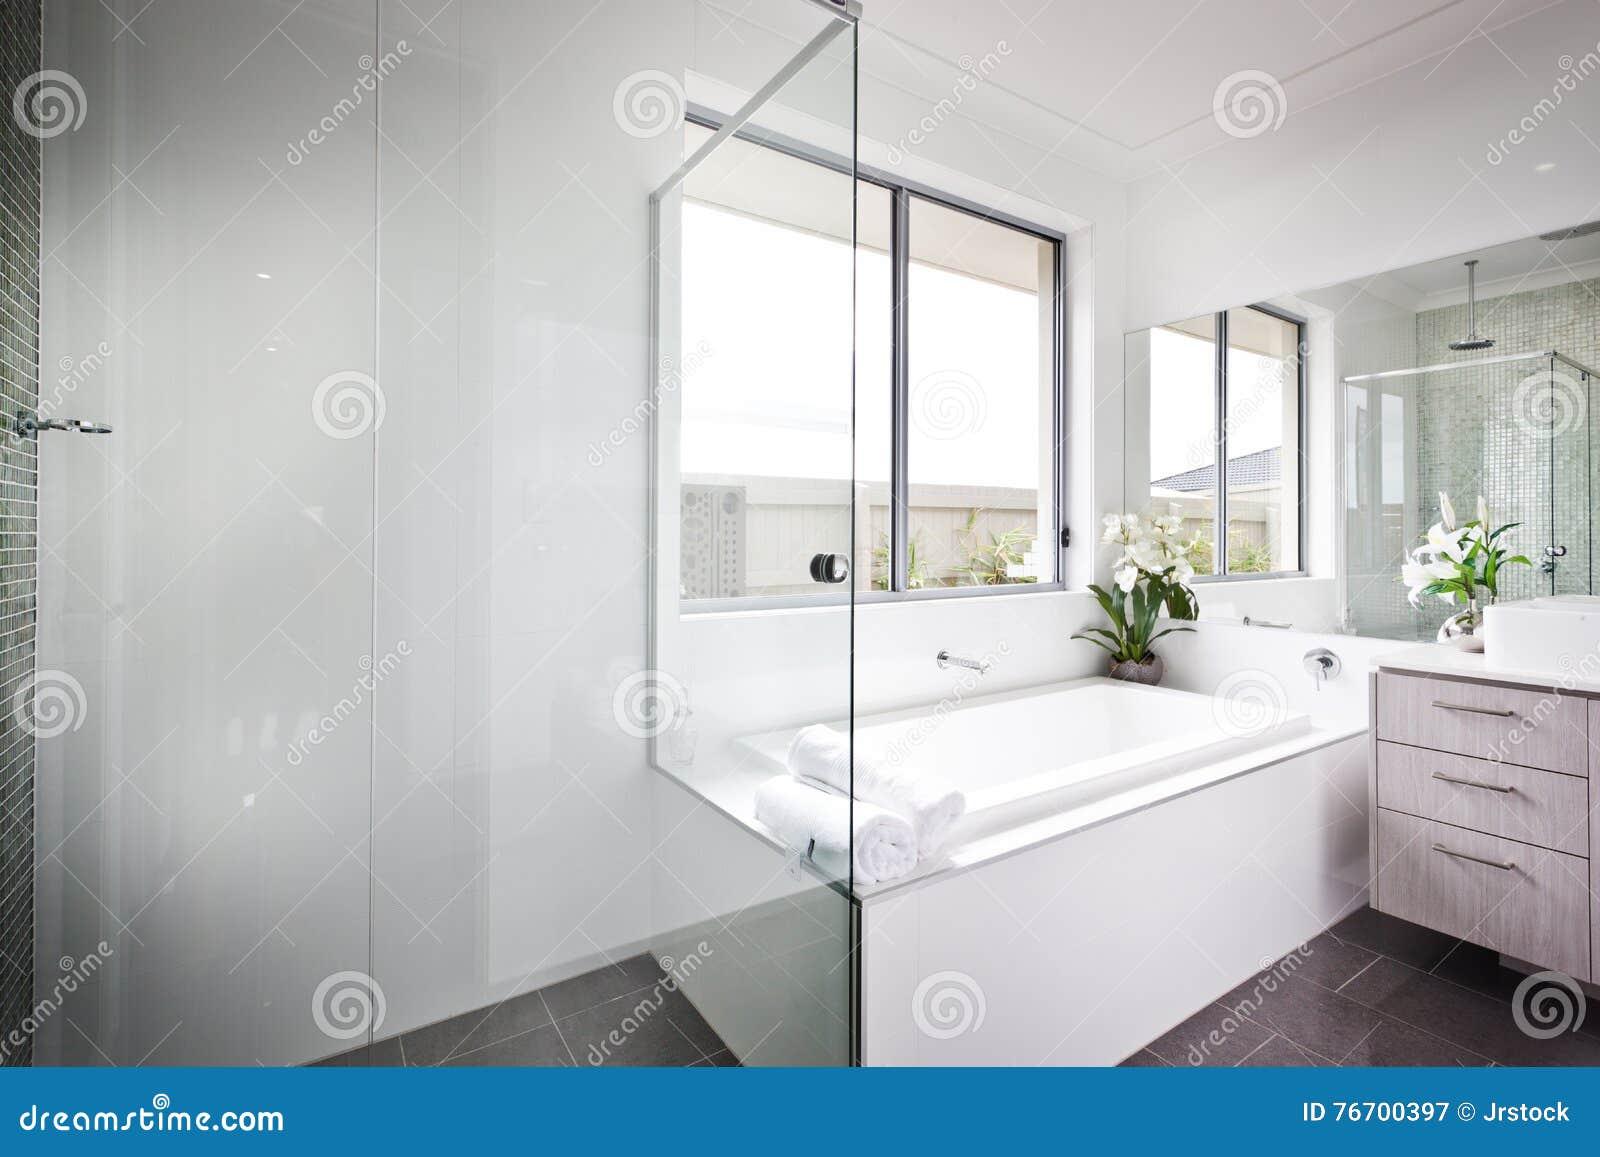 Den lyxiga toaletten med vita väggar och badet badar